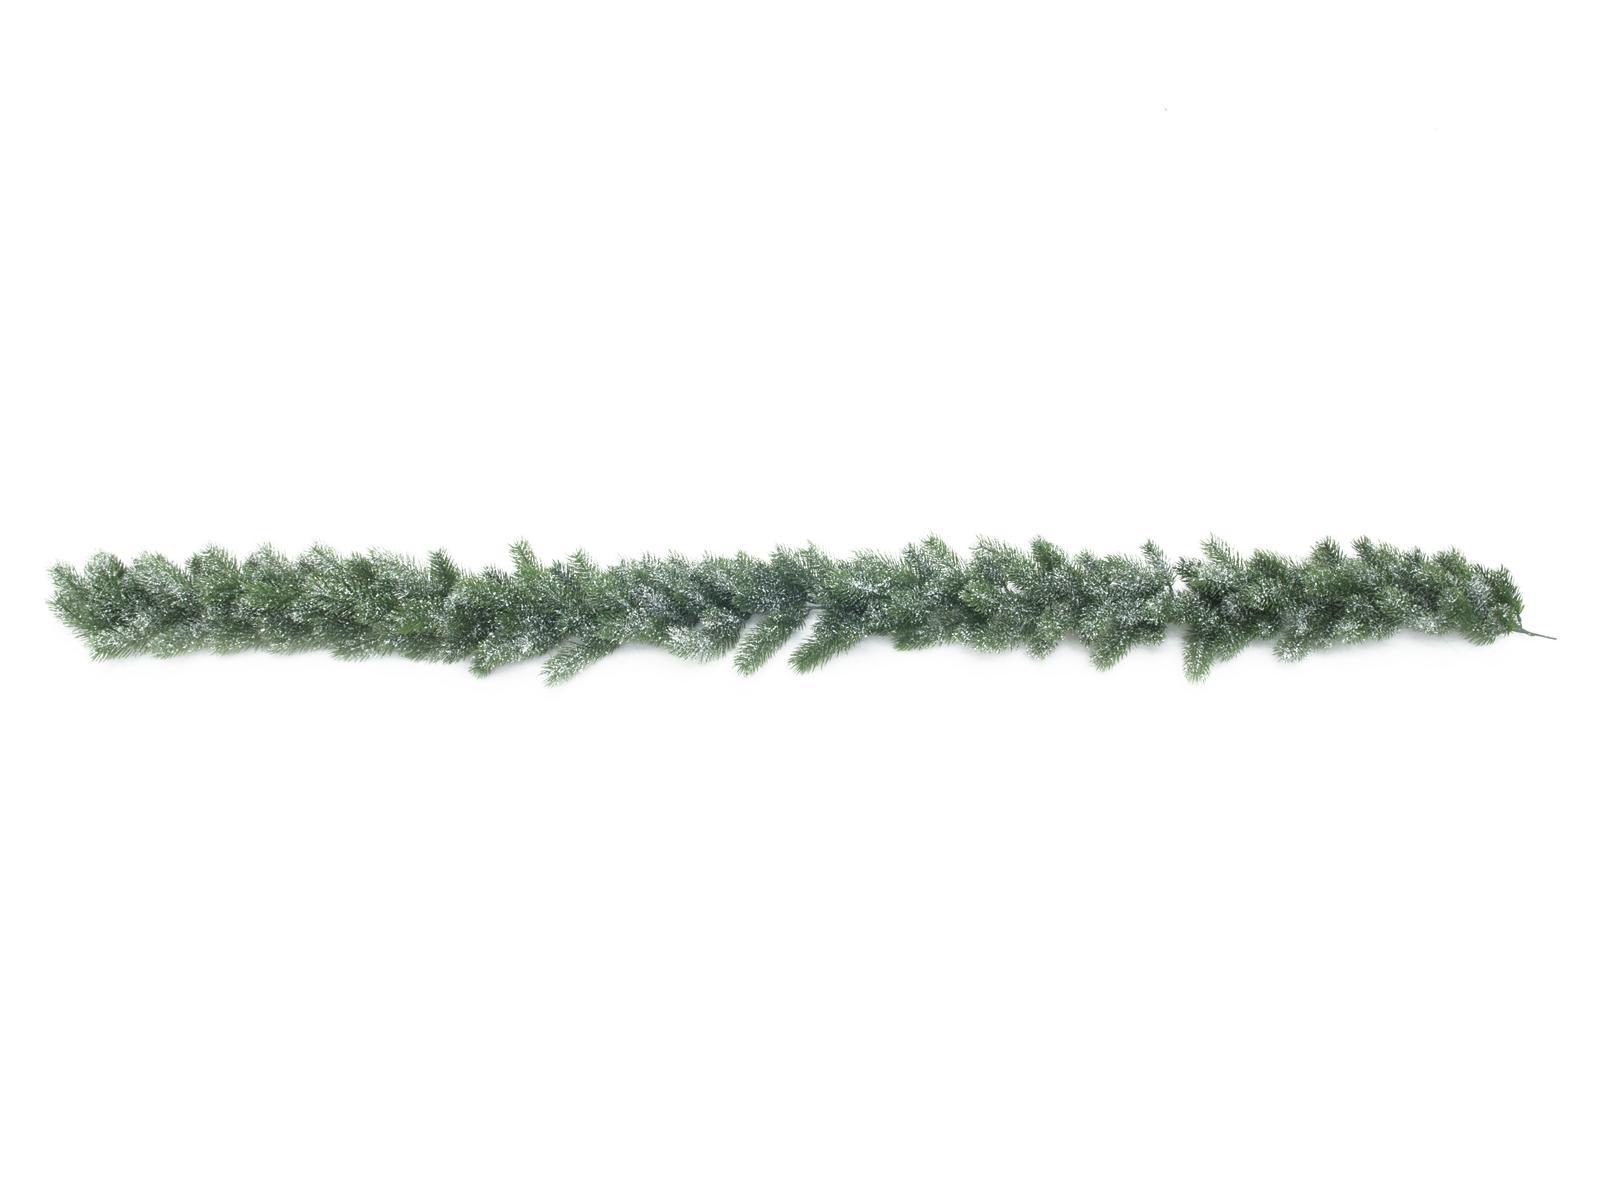 Jedlová girlanda zasněžená, 180 cm